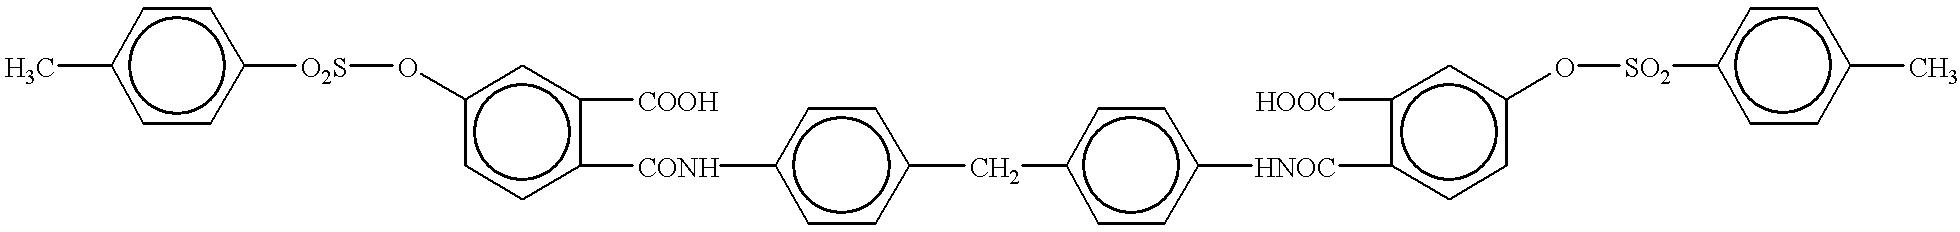 Figure US06180560-20010130-C00509